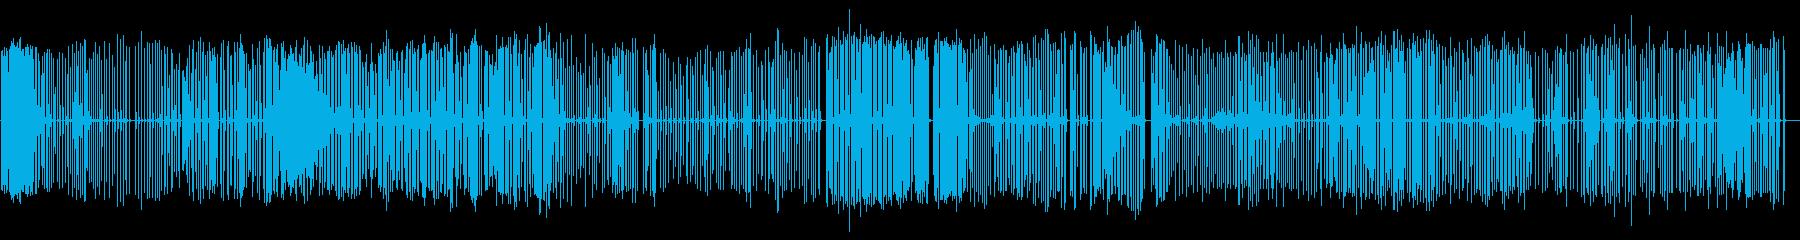 4本の竹によるフリーソロアンサンブルの再生済みの波形